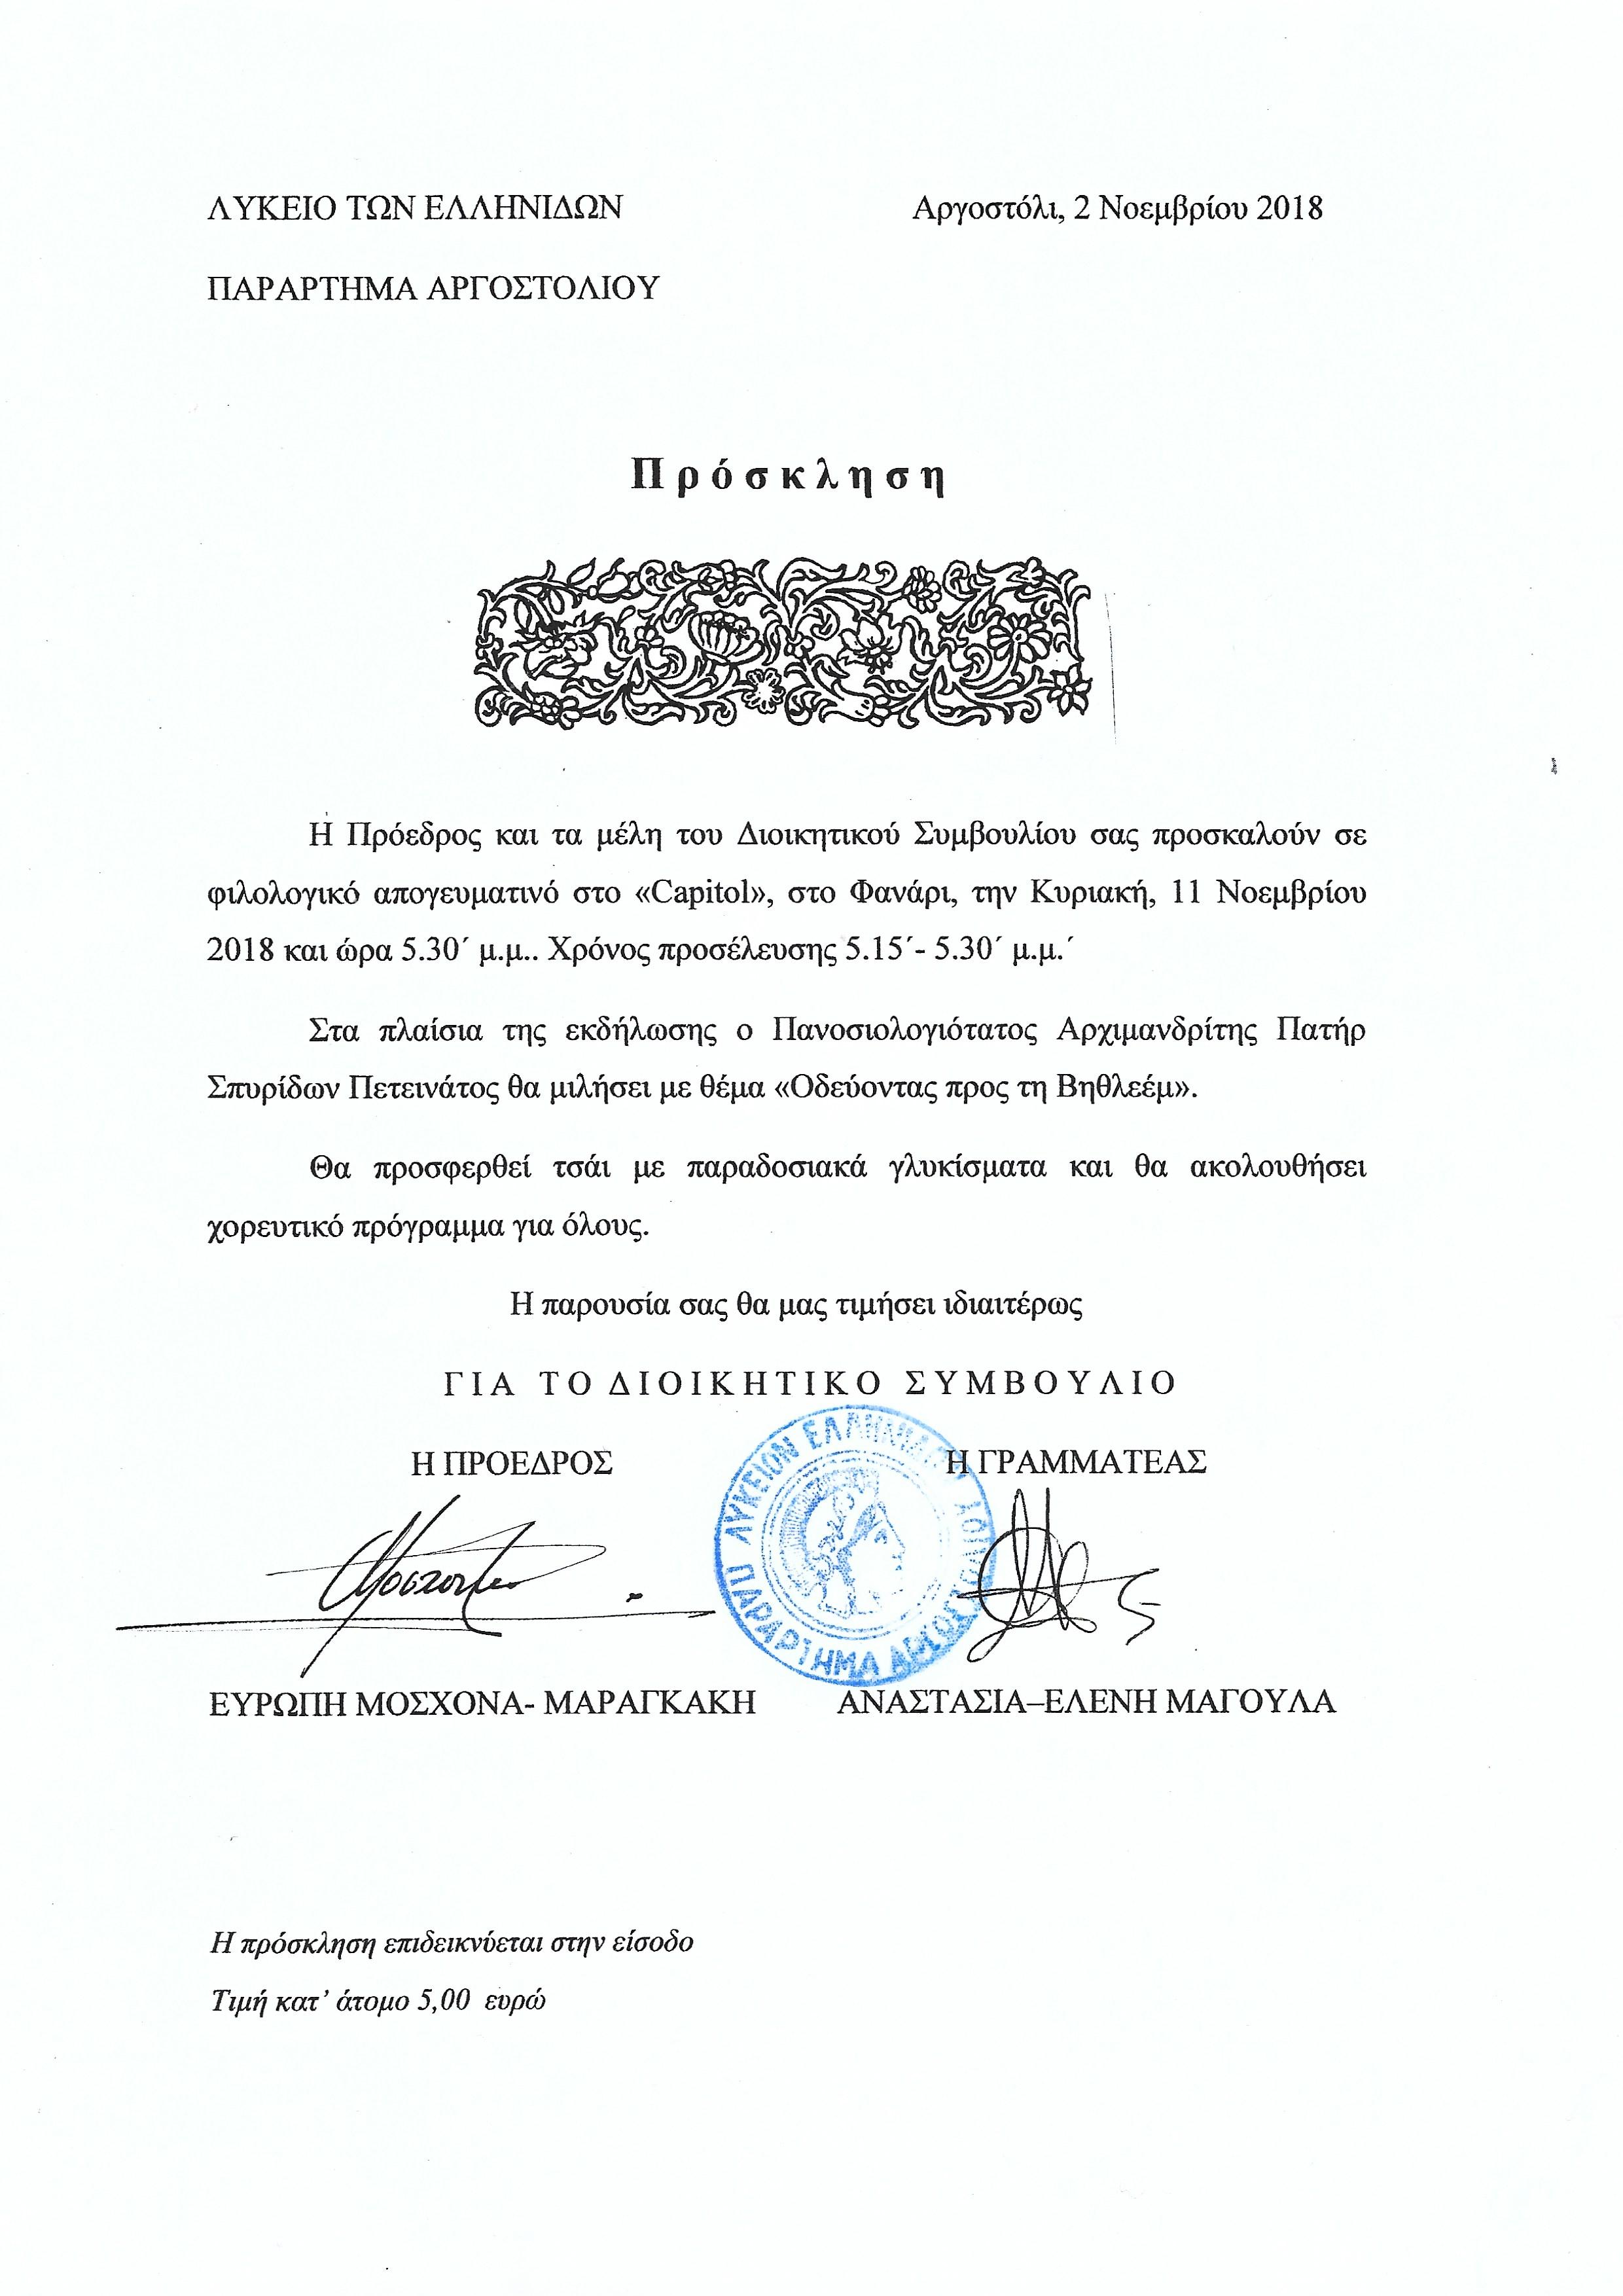 Πρόσκληση Λυκείου Ελληνίδων Νοέμβριος 2018